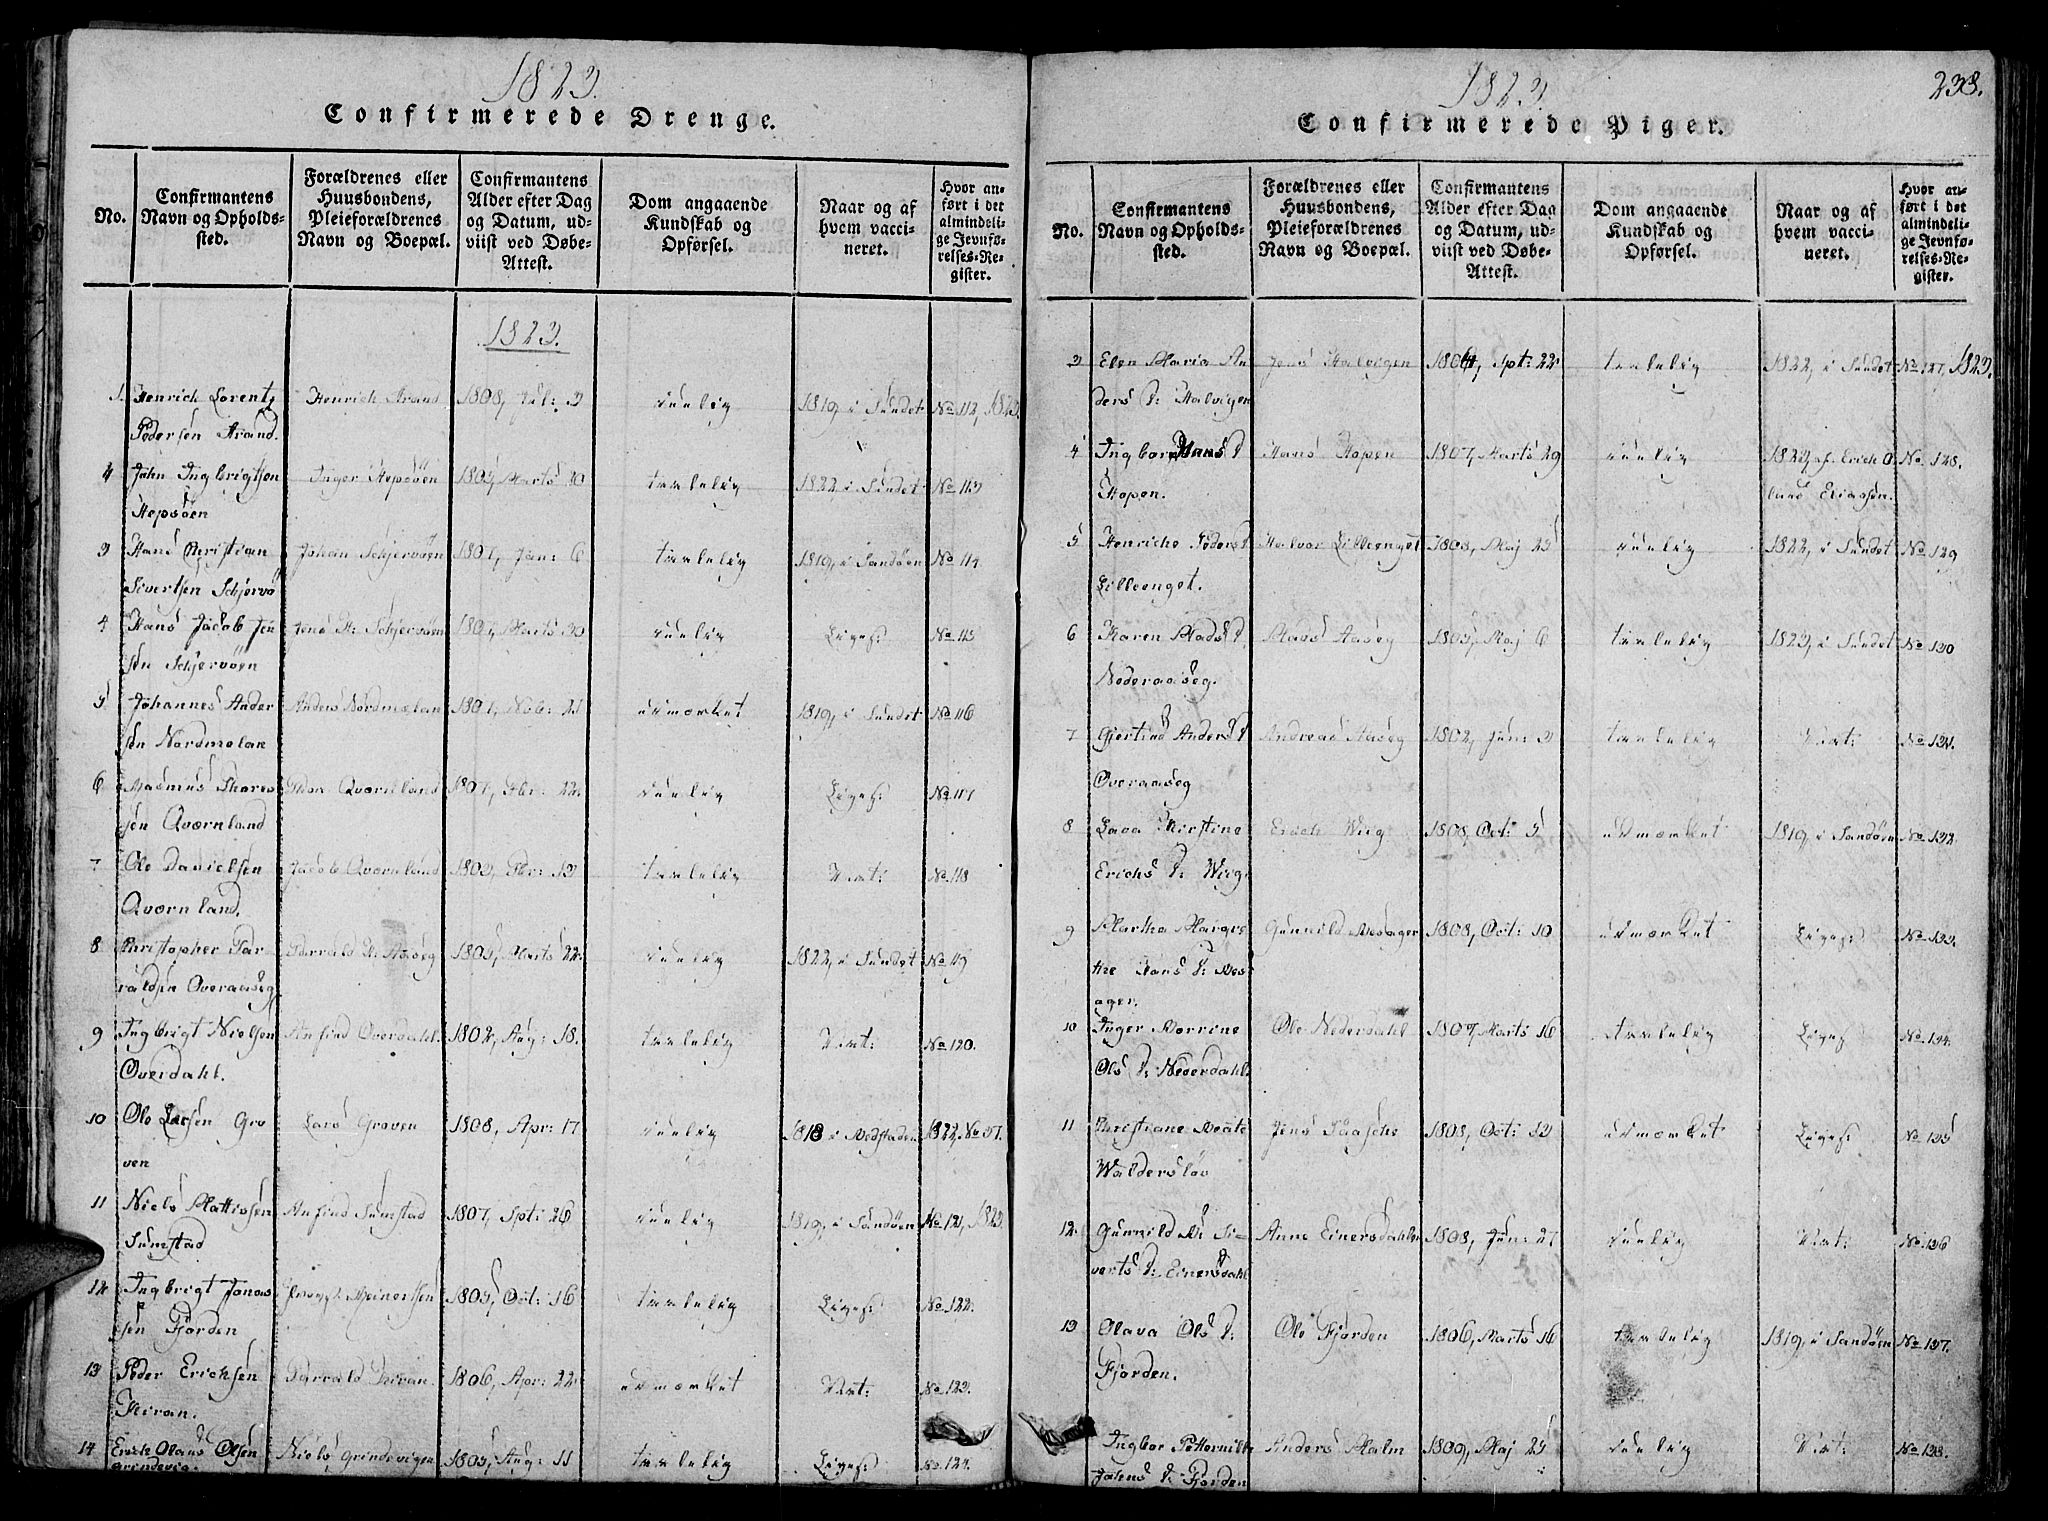 SAT, Ministerialprotokoller, klokkerbøker og fødselsregistre - Sør-Trøndelag, 657/L0702: Ministerialbok nr. 657A03, 1818-1831, s. 238